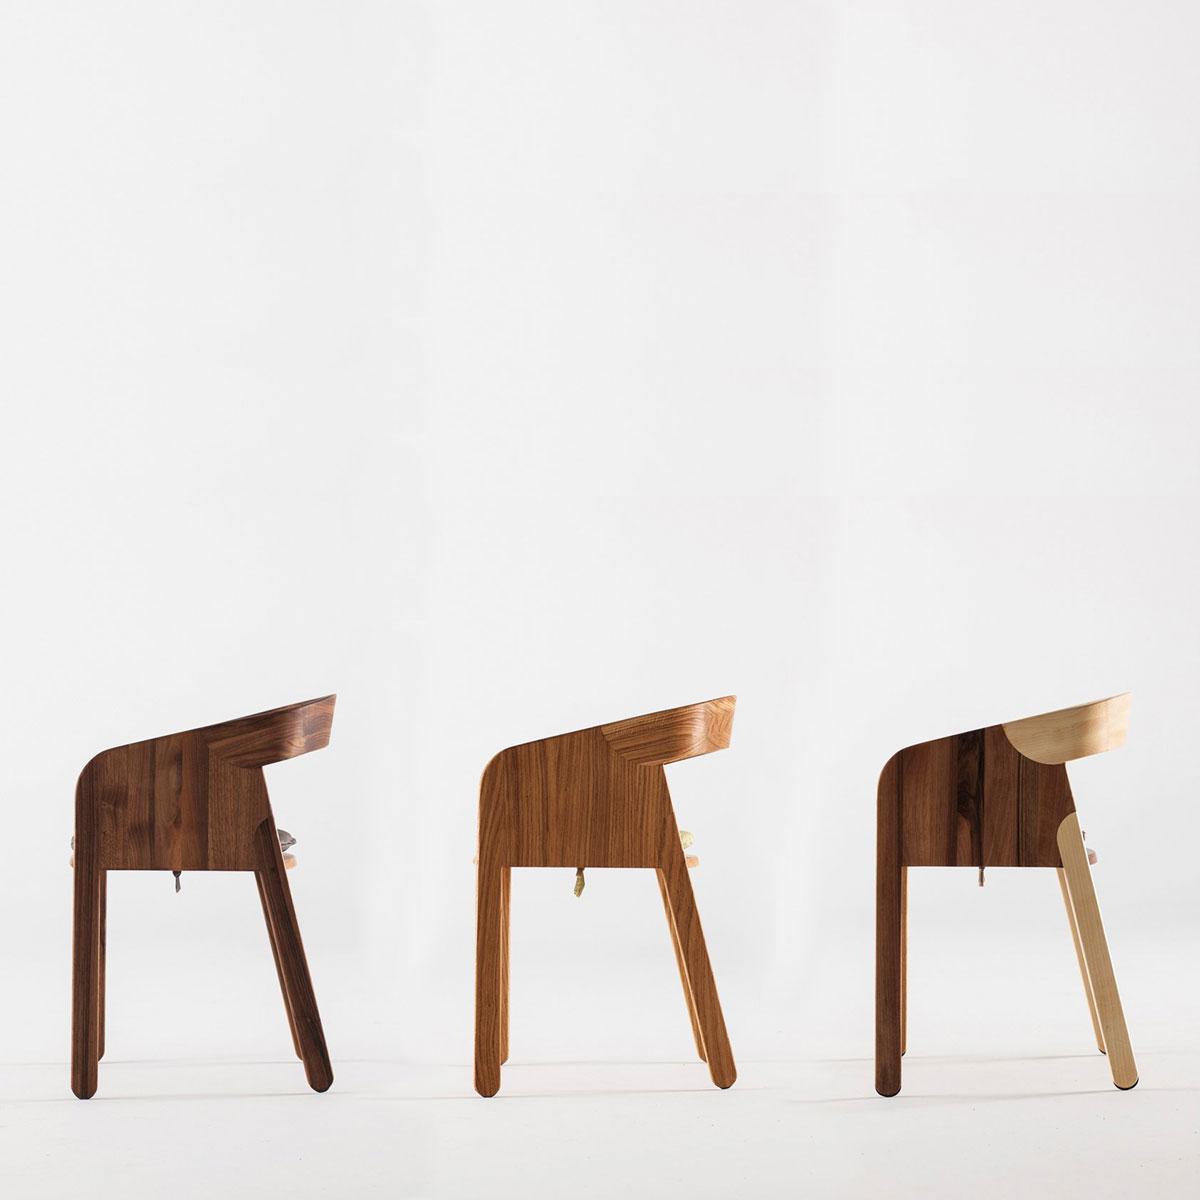 Silla malena de artisan en madera moderna artesana y for Sillas de diseno moderno